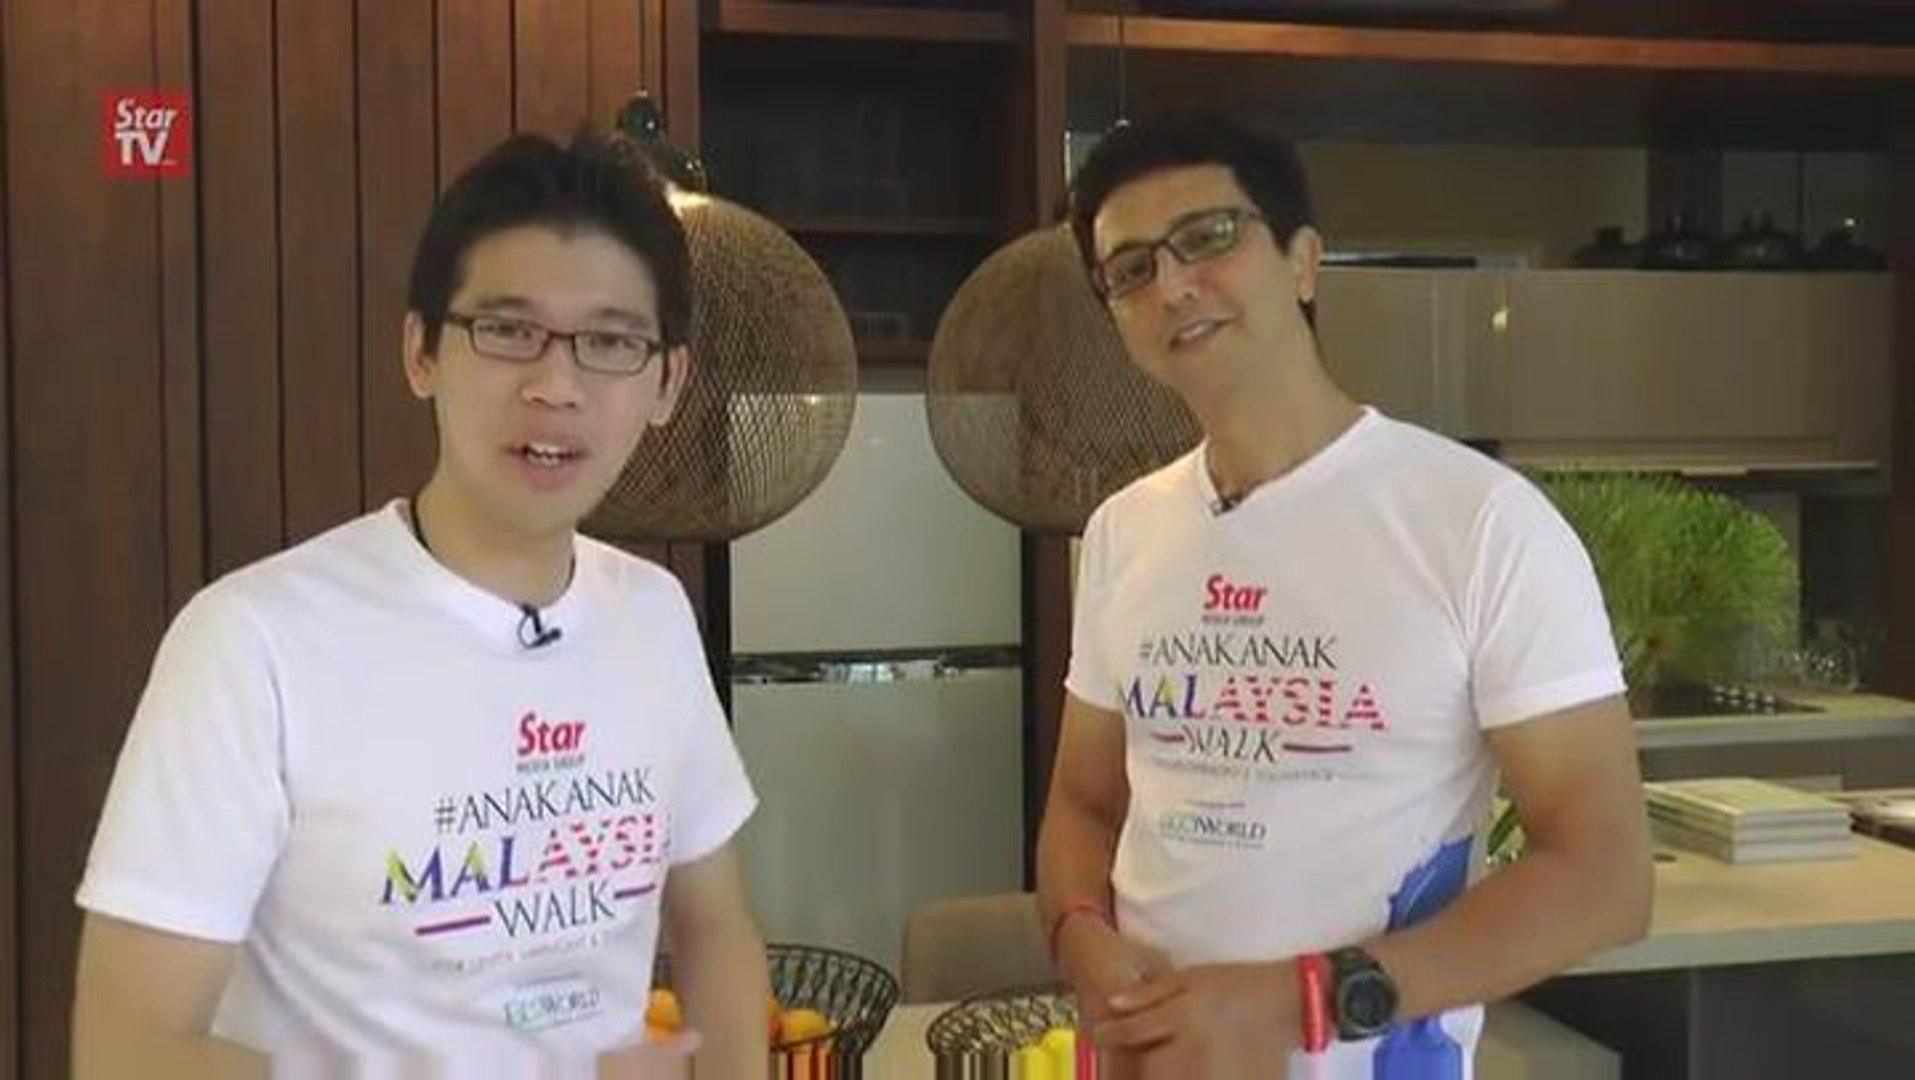 #AnakAnakMalaysia Walk: Social activists